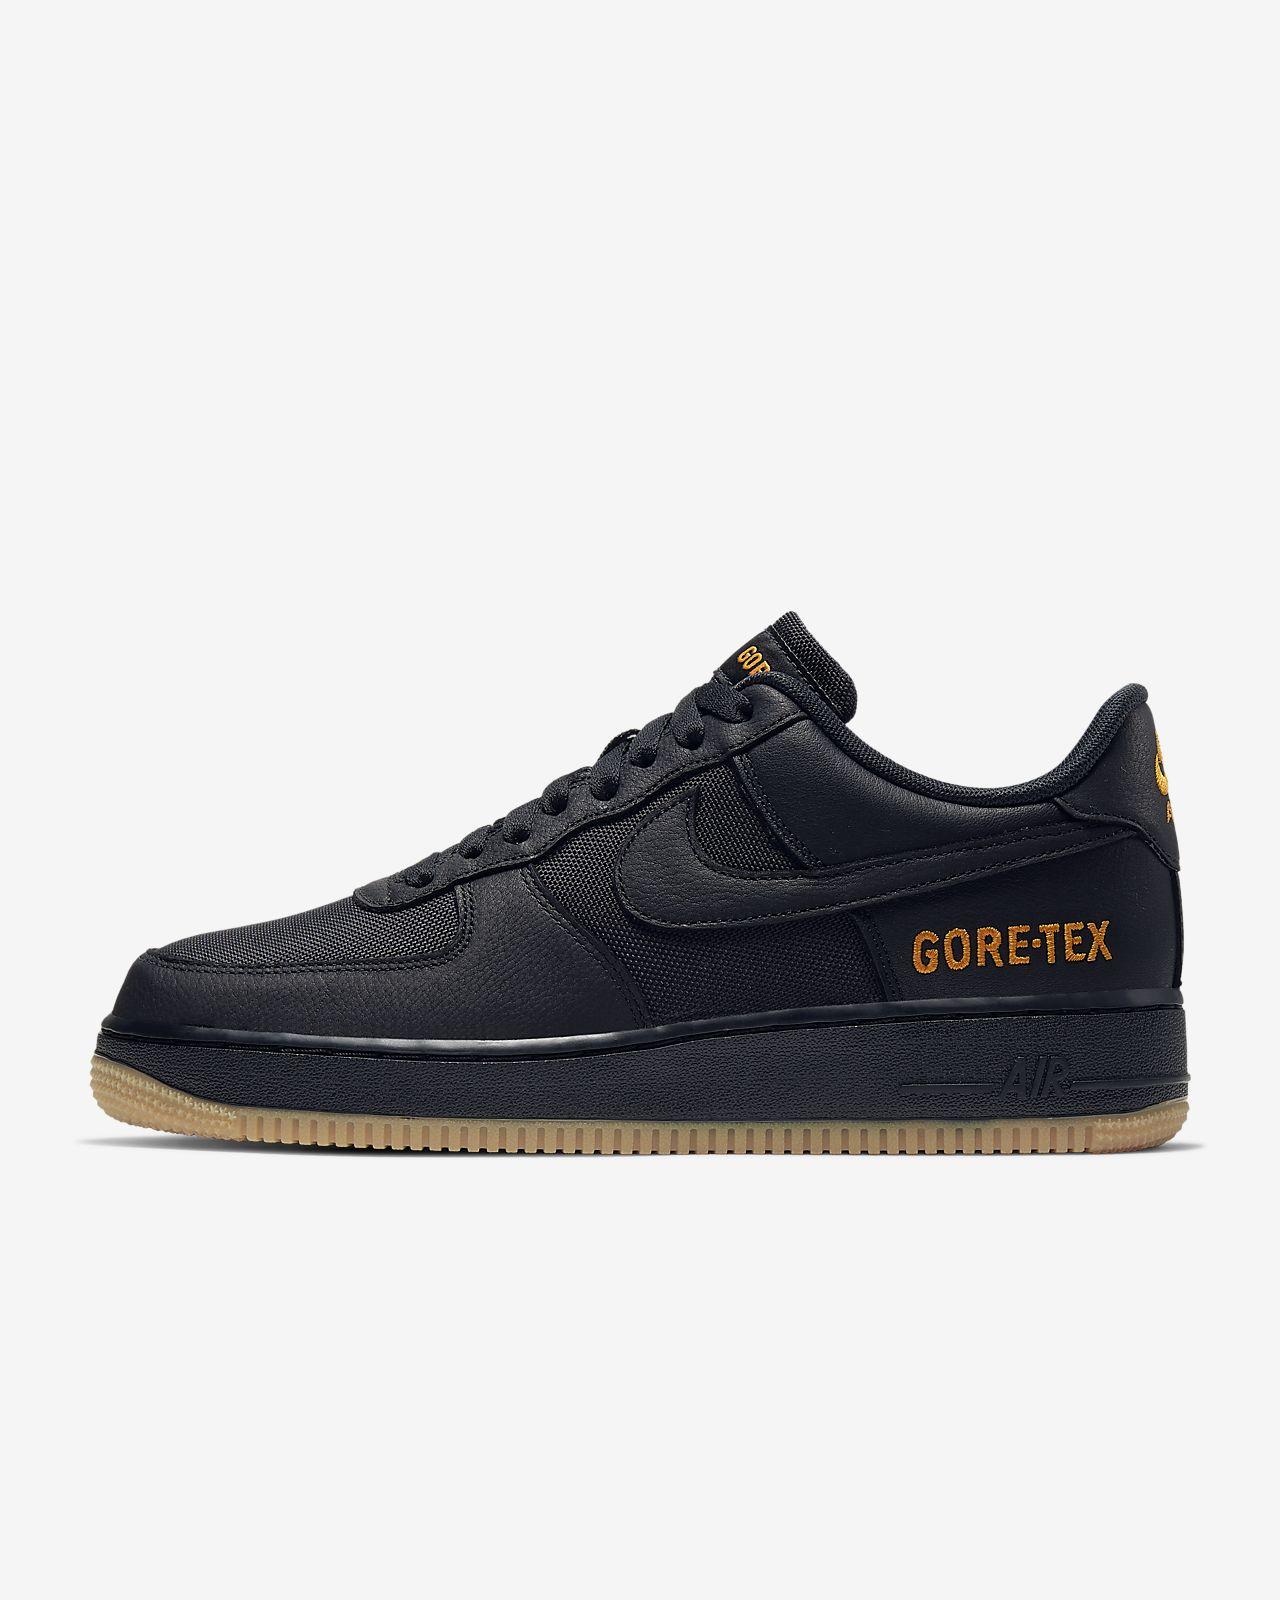 Nike Air Force 1 GORE-TEX cipő